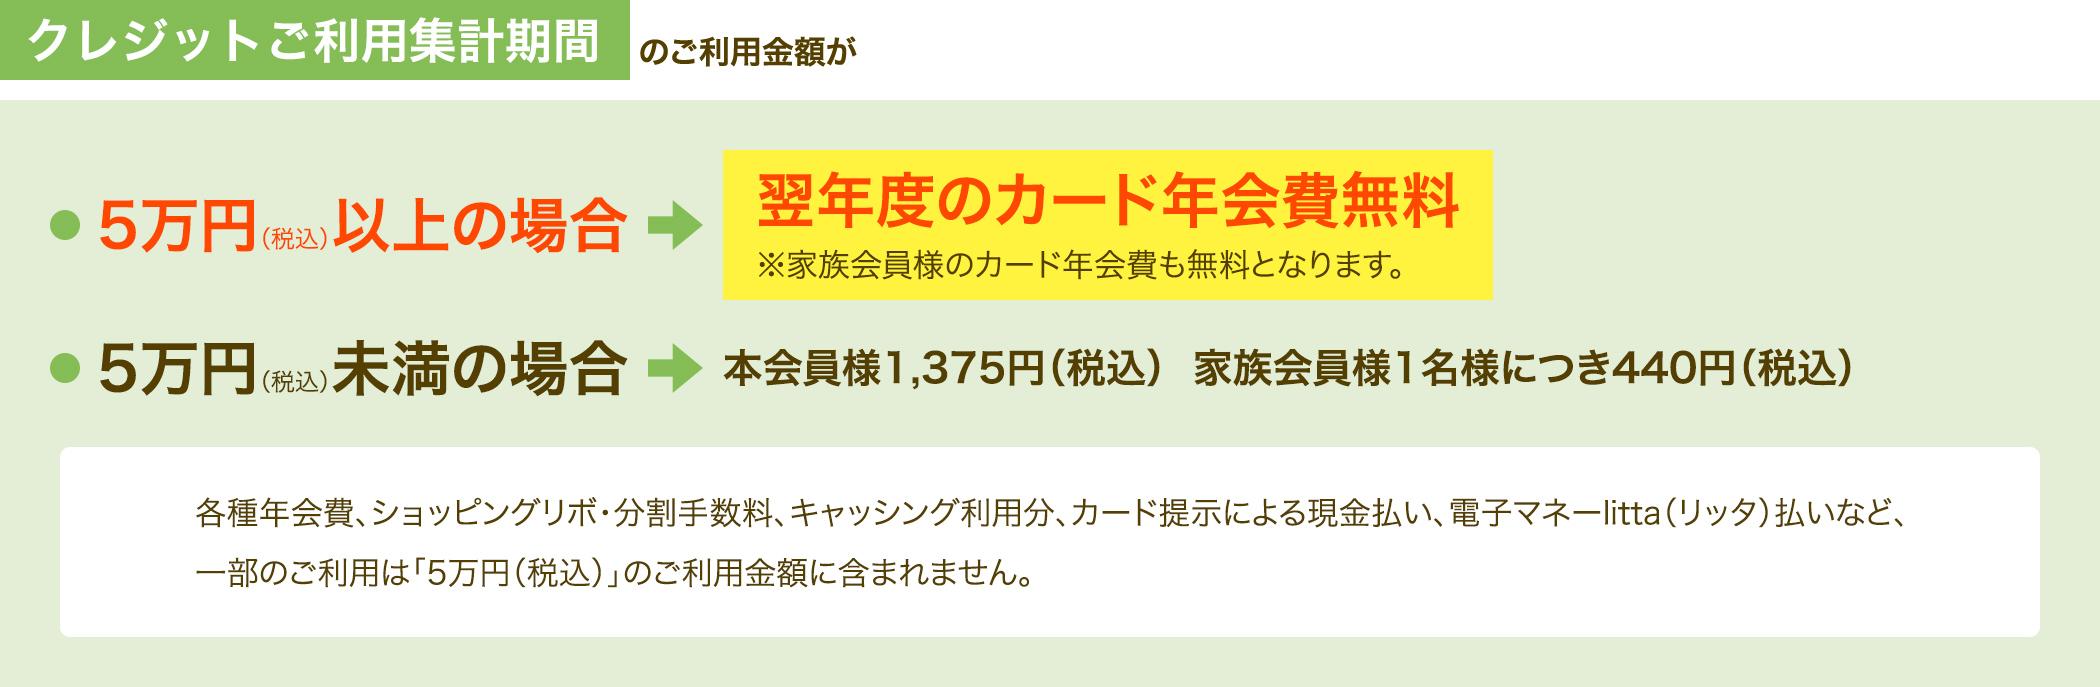 締め日 ペルソナ カード